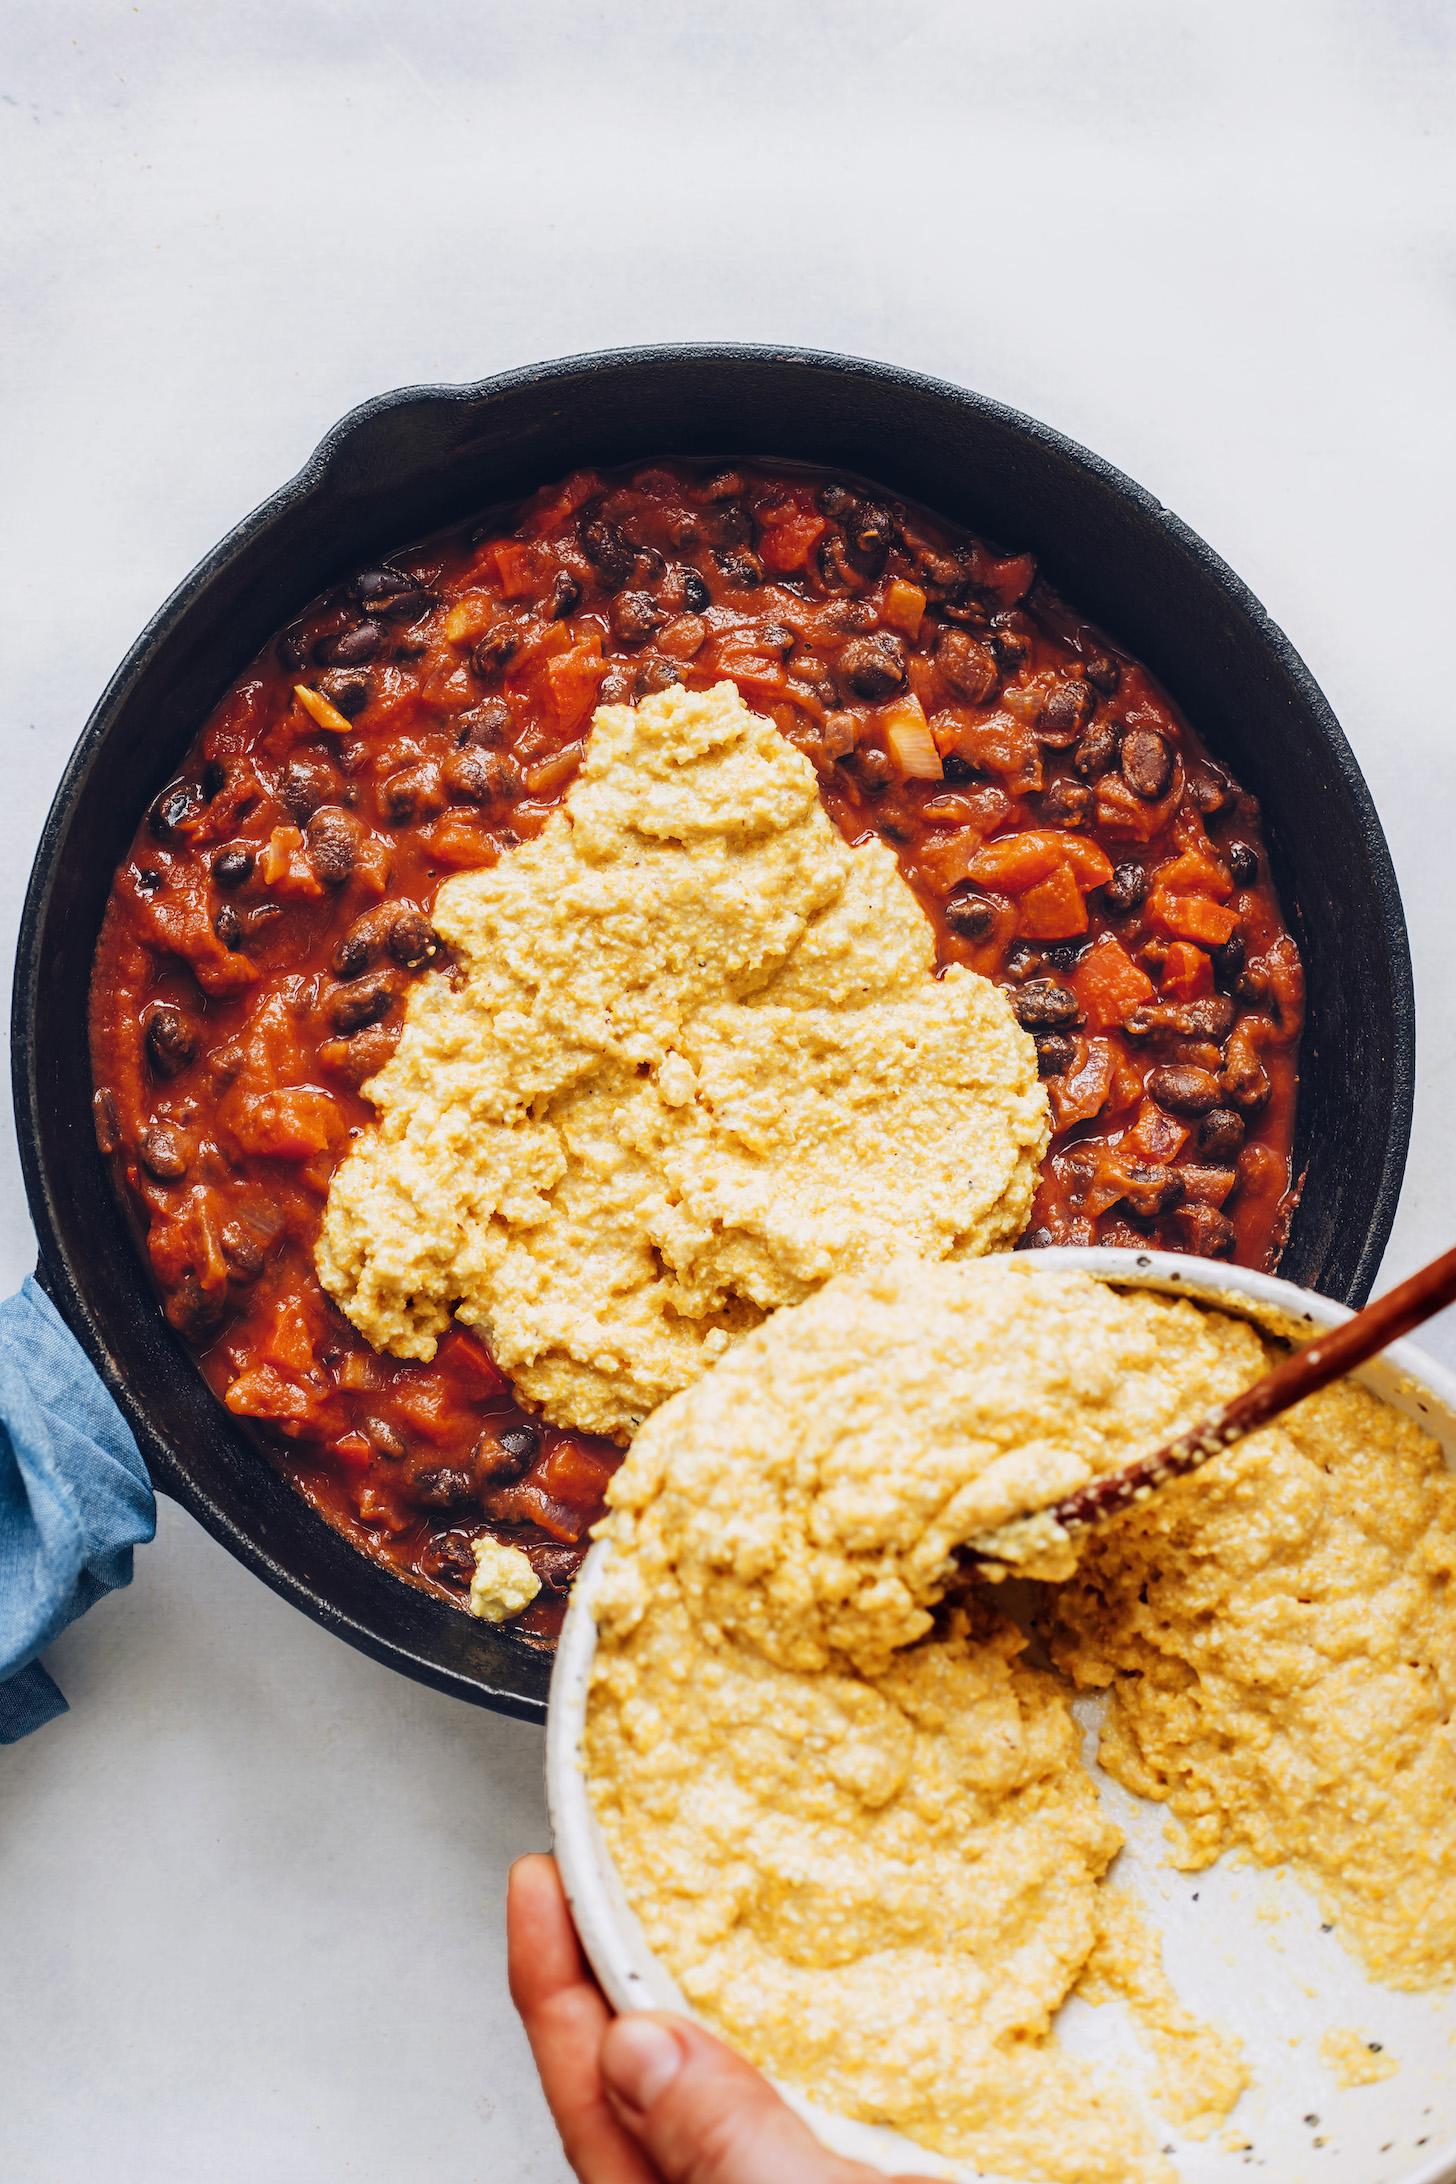 Verter la capa de pan de maíz sobre una sartén de nuestro horneado de enchiladas